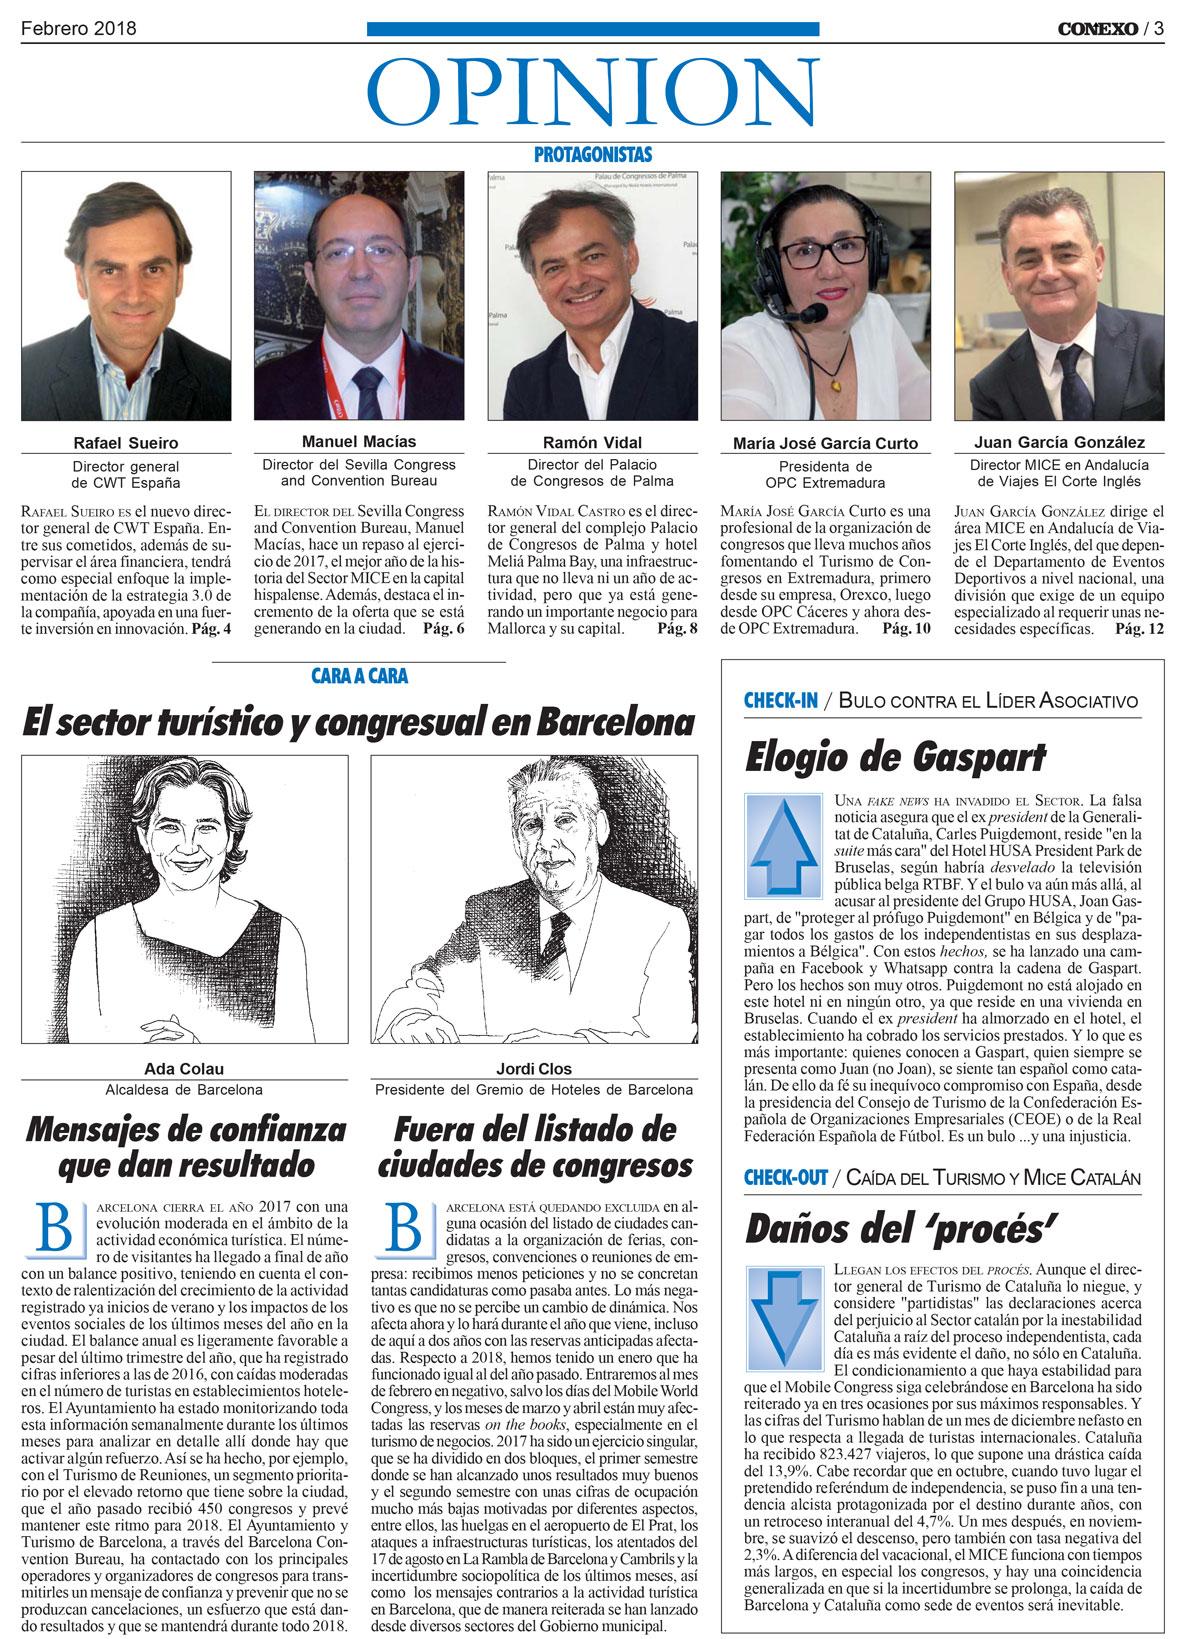 Entrevista a María José García Curto, presidenta de OPC Extremadura,